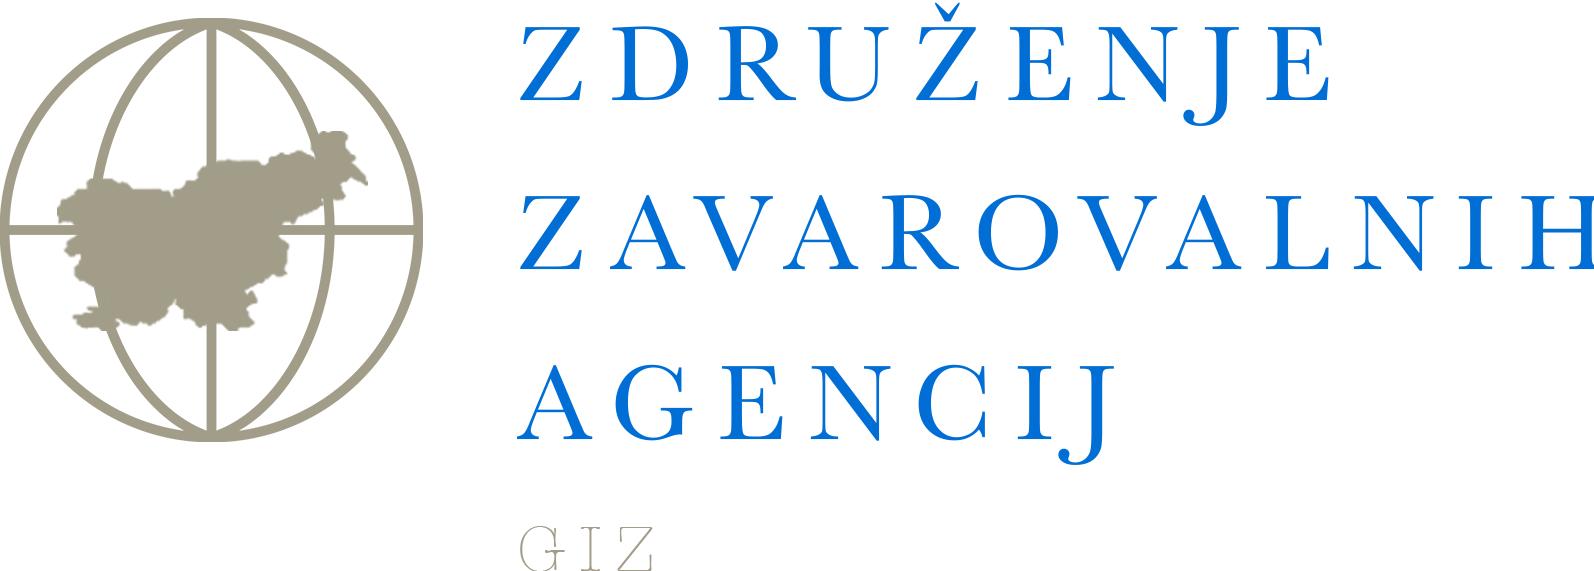 Združenje zavarovalnih agencij, GIZ